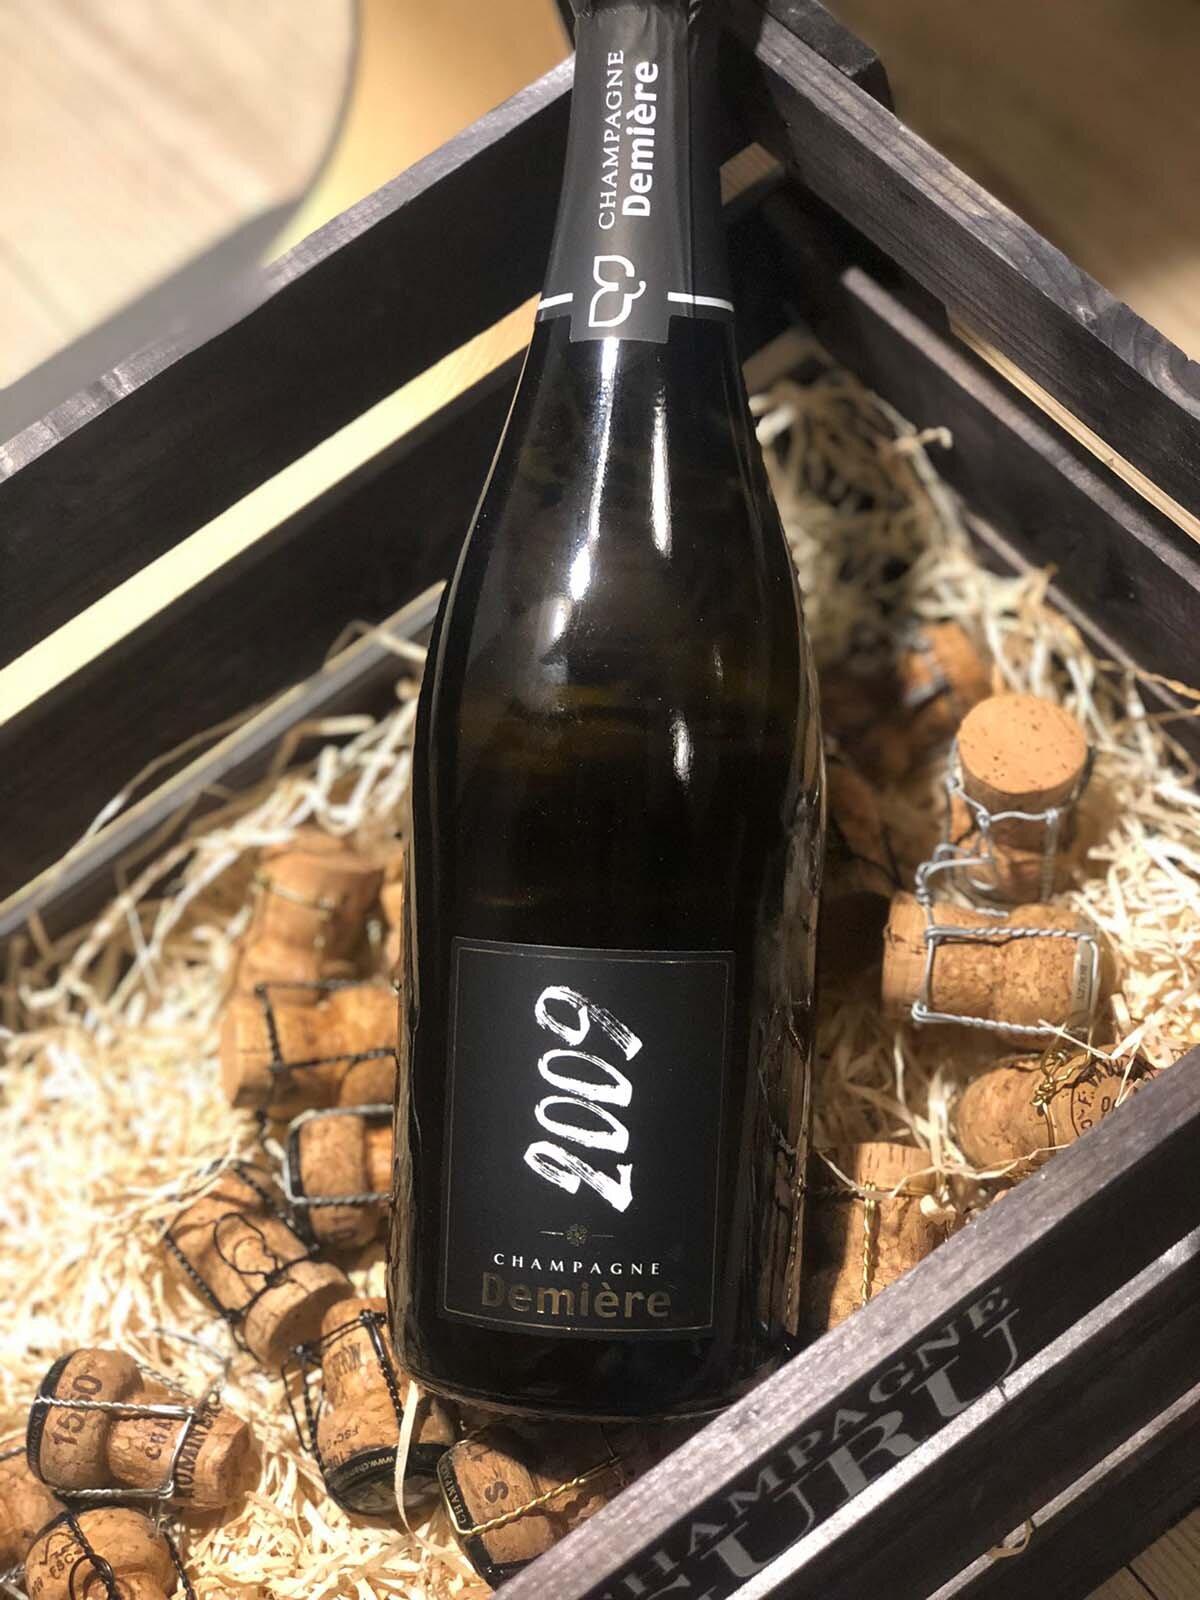 LYSANDER vintage 2009 Cuvée extra brut - Drue: 100% Pinot MeunierTerroir: Fleury la Riviére (alder på vinstokke 50 år)Blanding: 100% årgang 2009Vinificering: ståltanke, ingen malolaktisk gæringLagring: 7 års lagring på flaske (bærmen)Dossage: 5 g/LFlaske: leveres i 0,75L